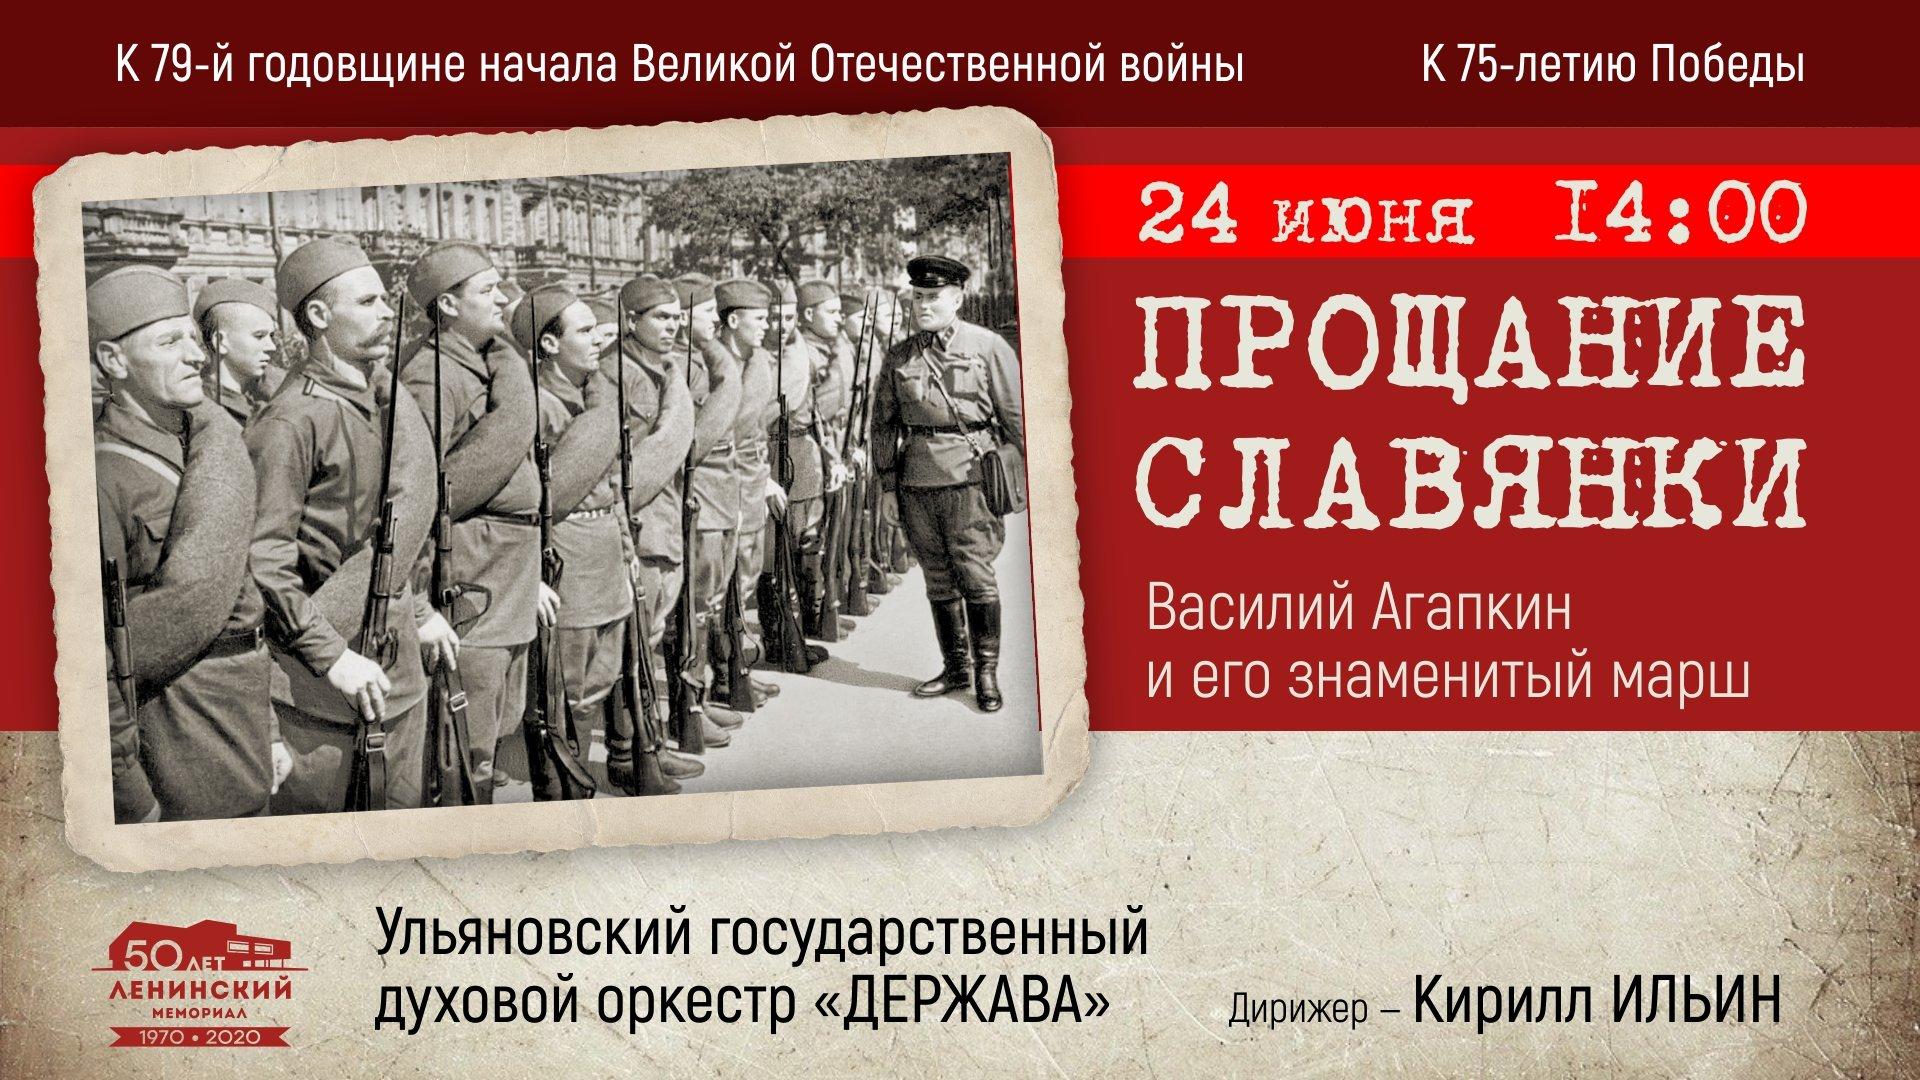 Концертная онлайн-программа «Прощание славянки»